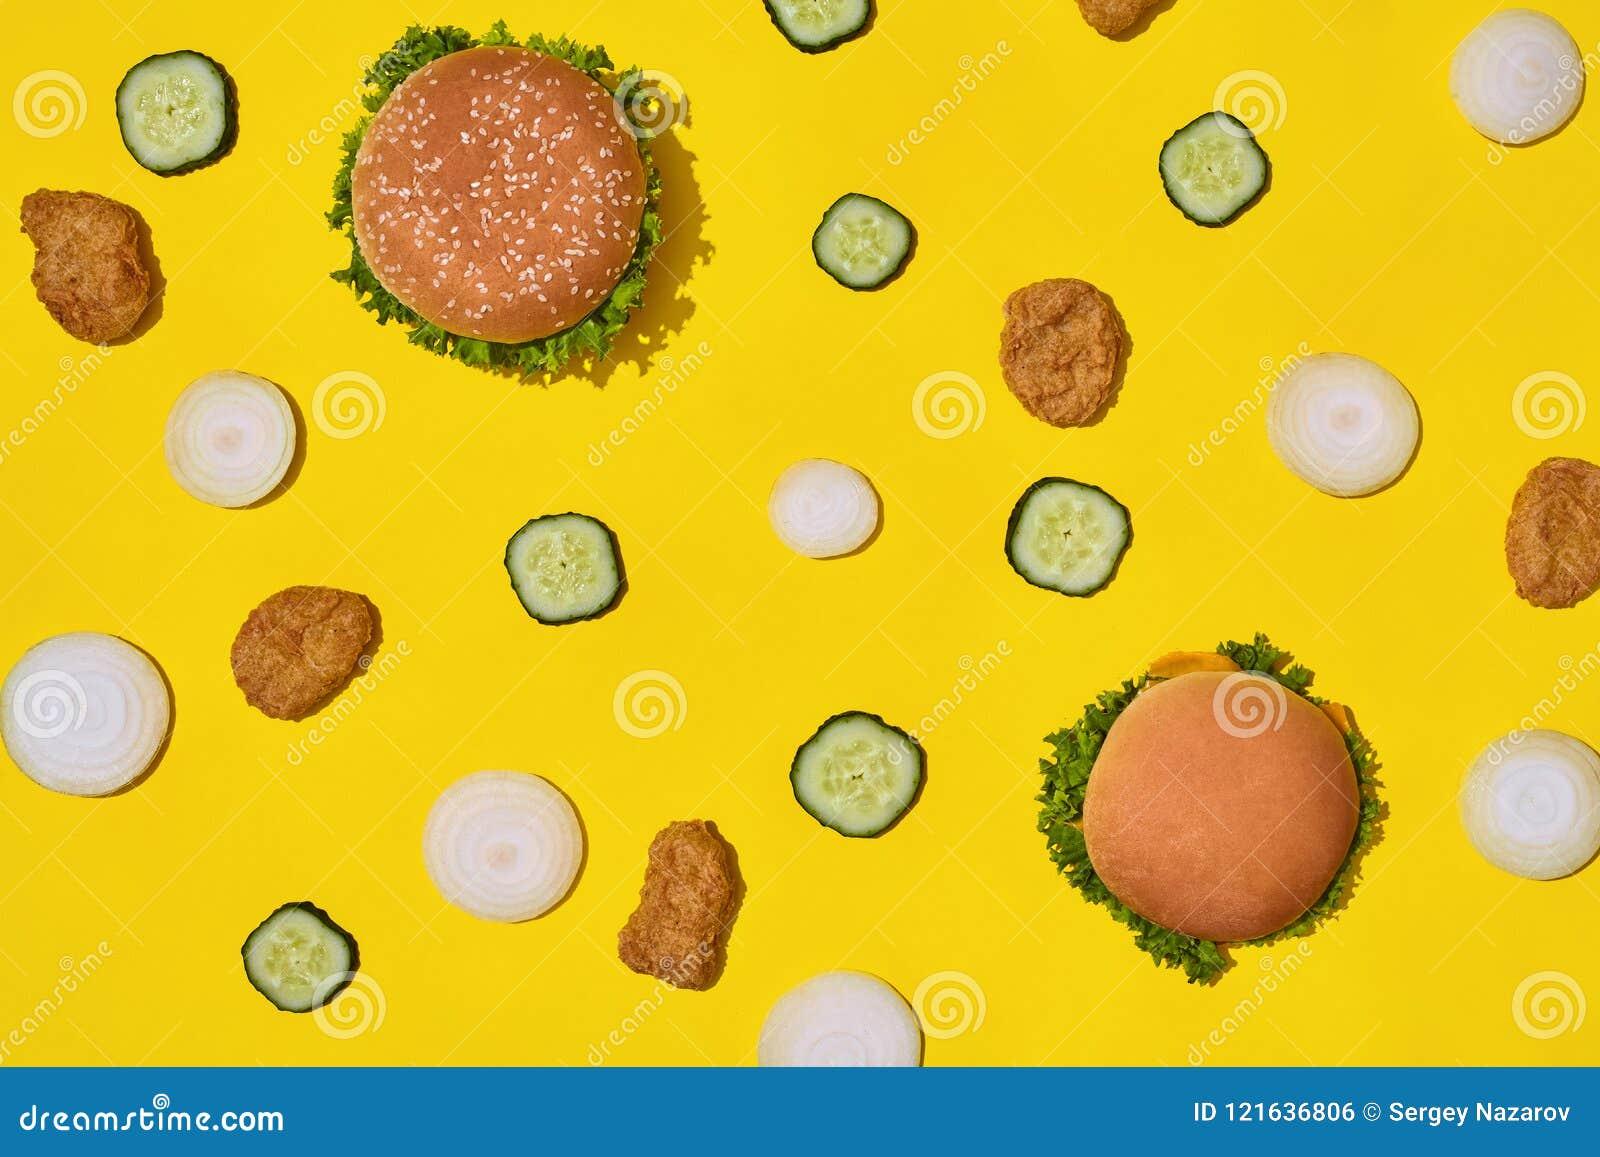 多数普遍的快餐 鸡块、汉堡用新鲜的黄瓜和葱在黄色背景顶视图